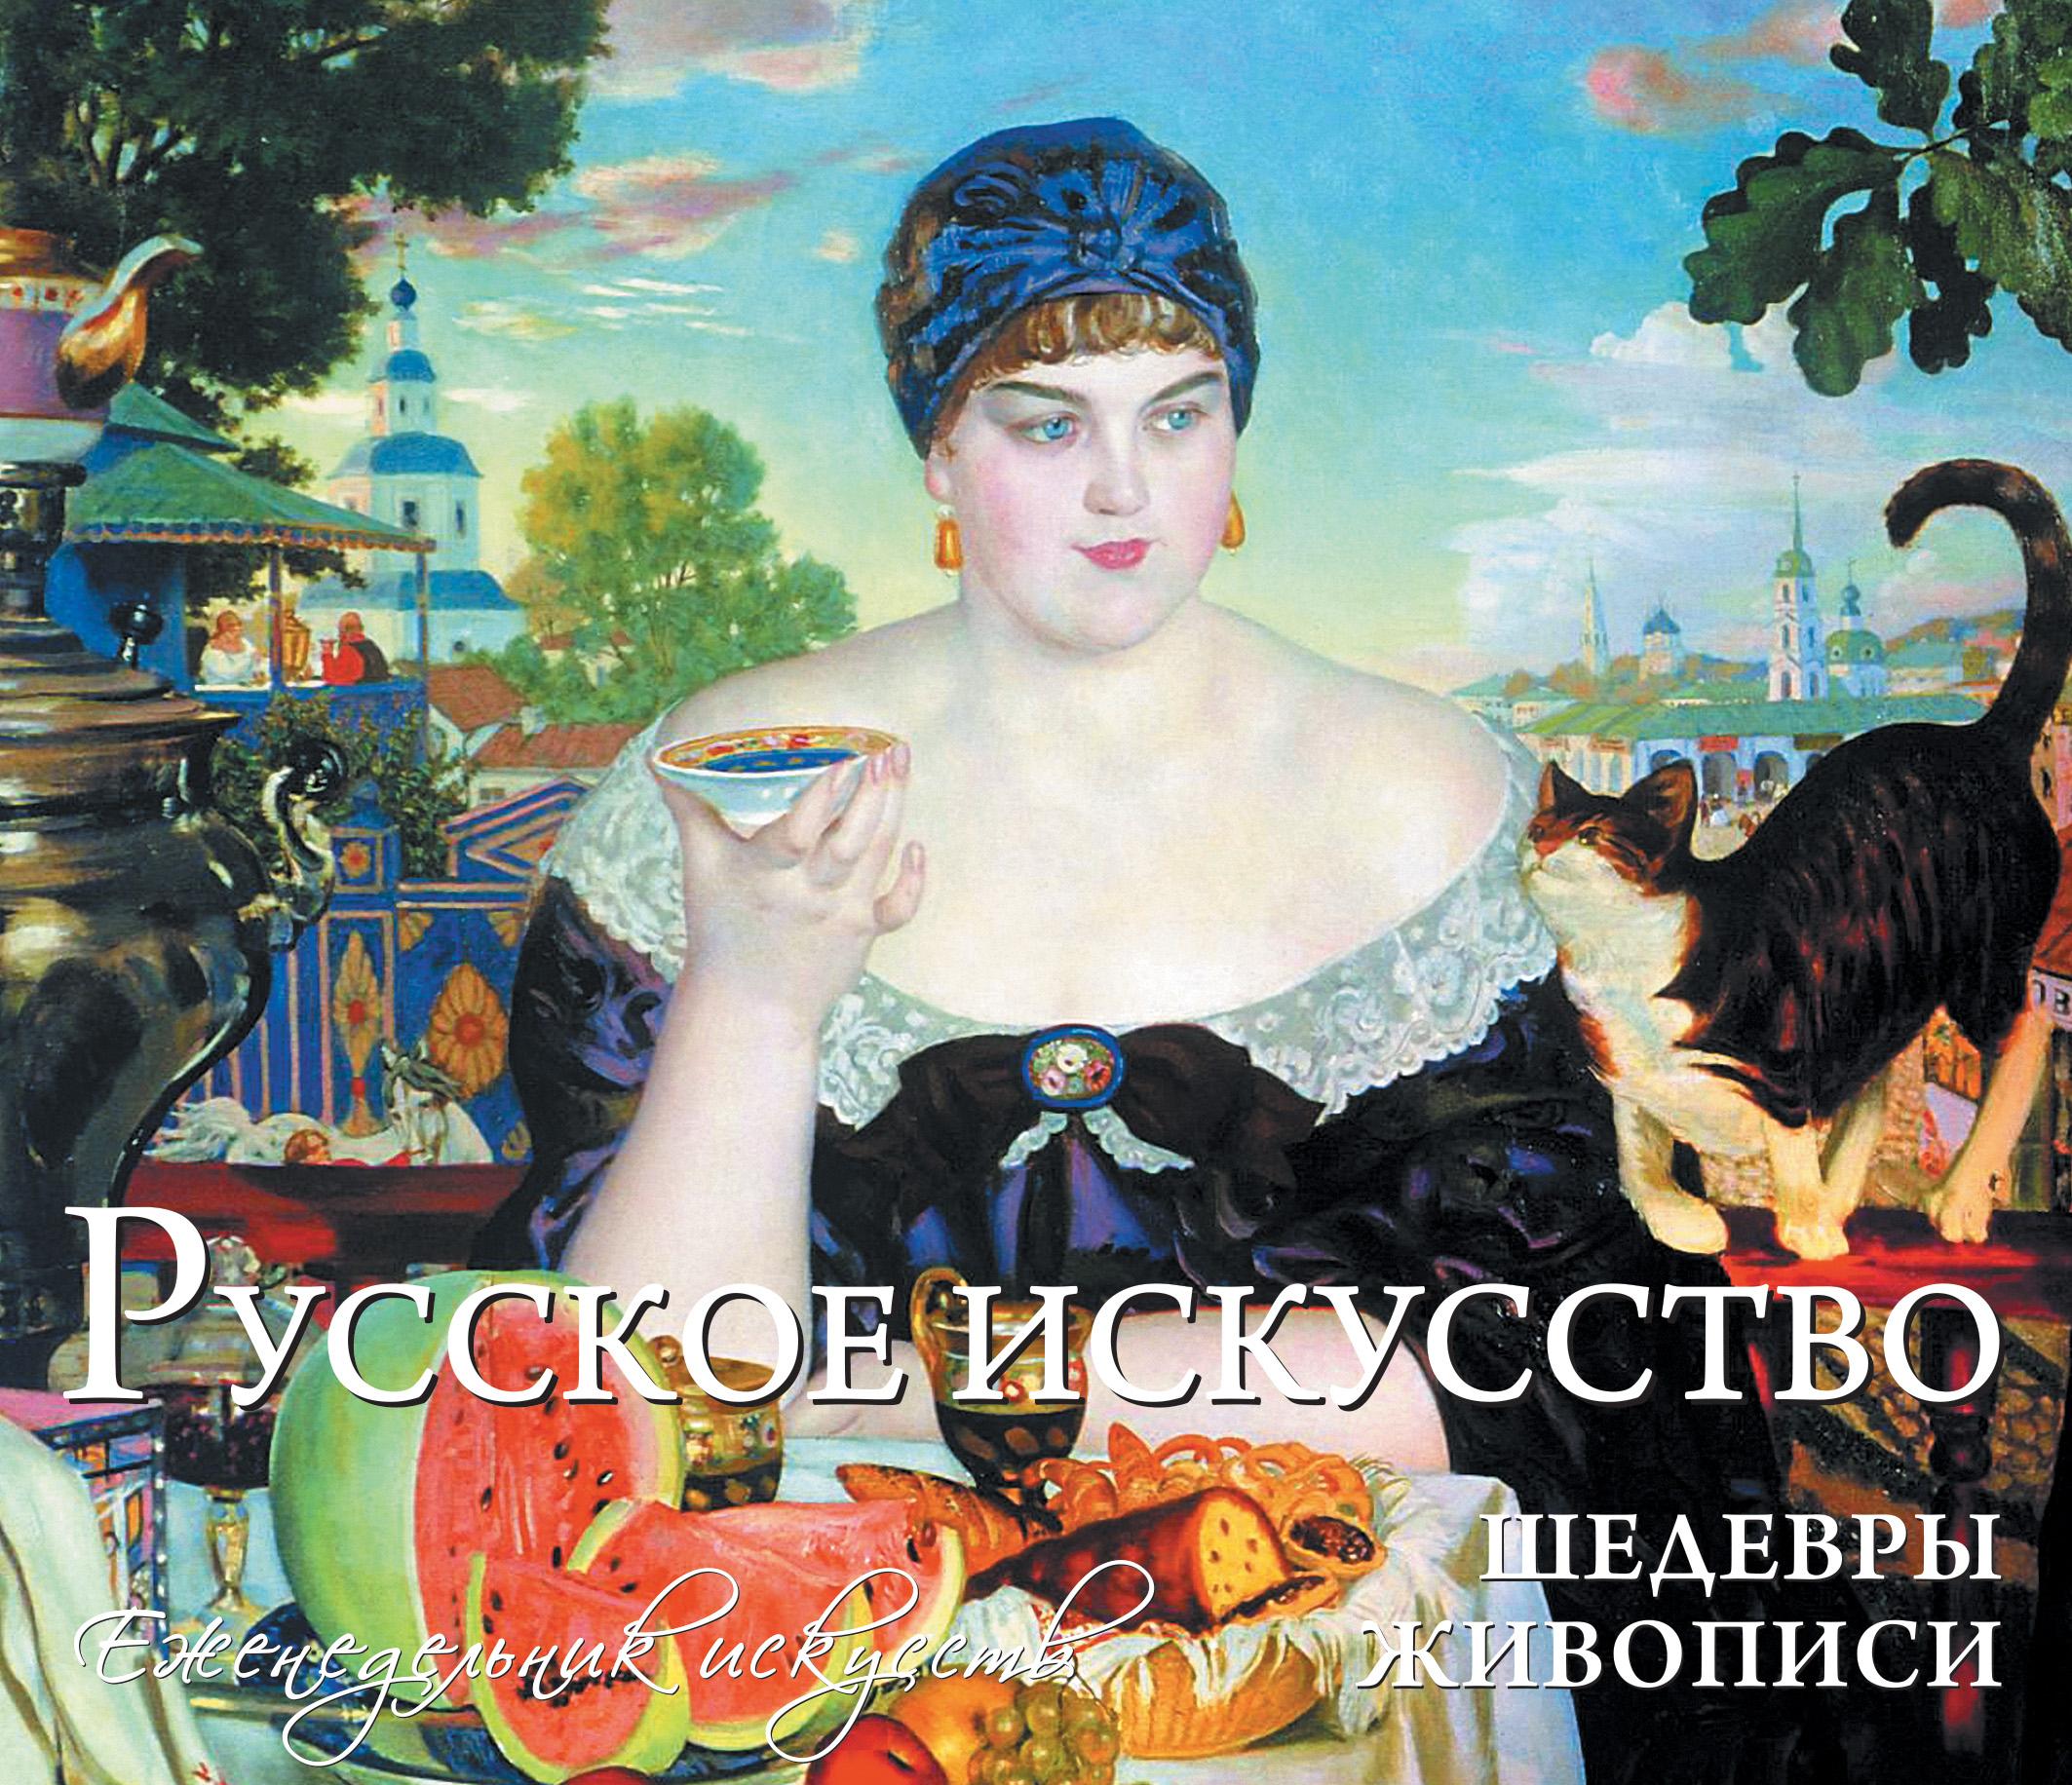 Русское искусство. Шедевры живописи яськов в сост мировое искусство шедевры живописи еженедельник искусств